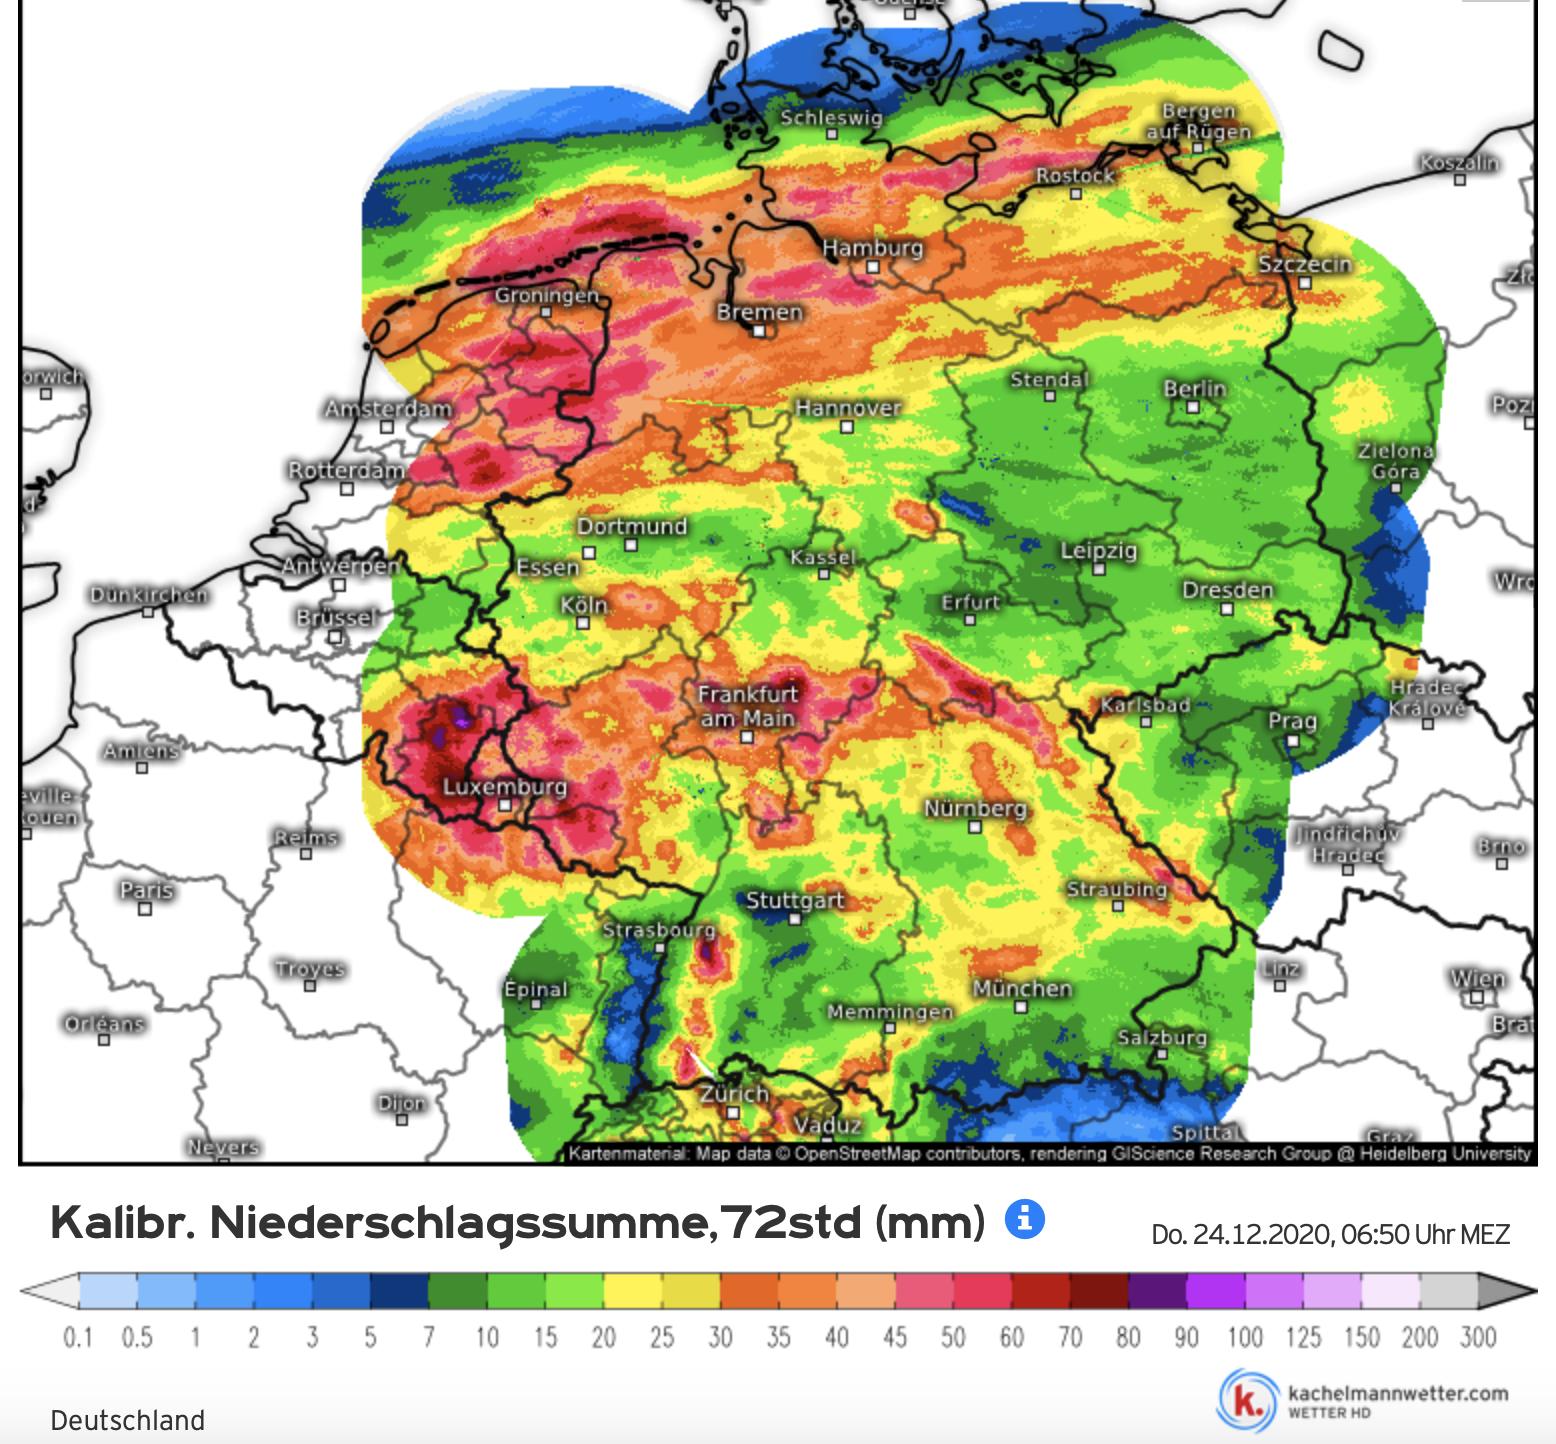 Neerslaghoeveelheden afgelopen 3 dagen in stroomgebied Rijn en Maas. Vooral in de Ardennen viel erg veel regen, wat nu hoogwater in de Maas veroortzaakt (bron Kachelmannwetter.com)